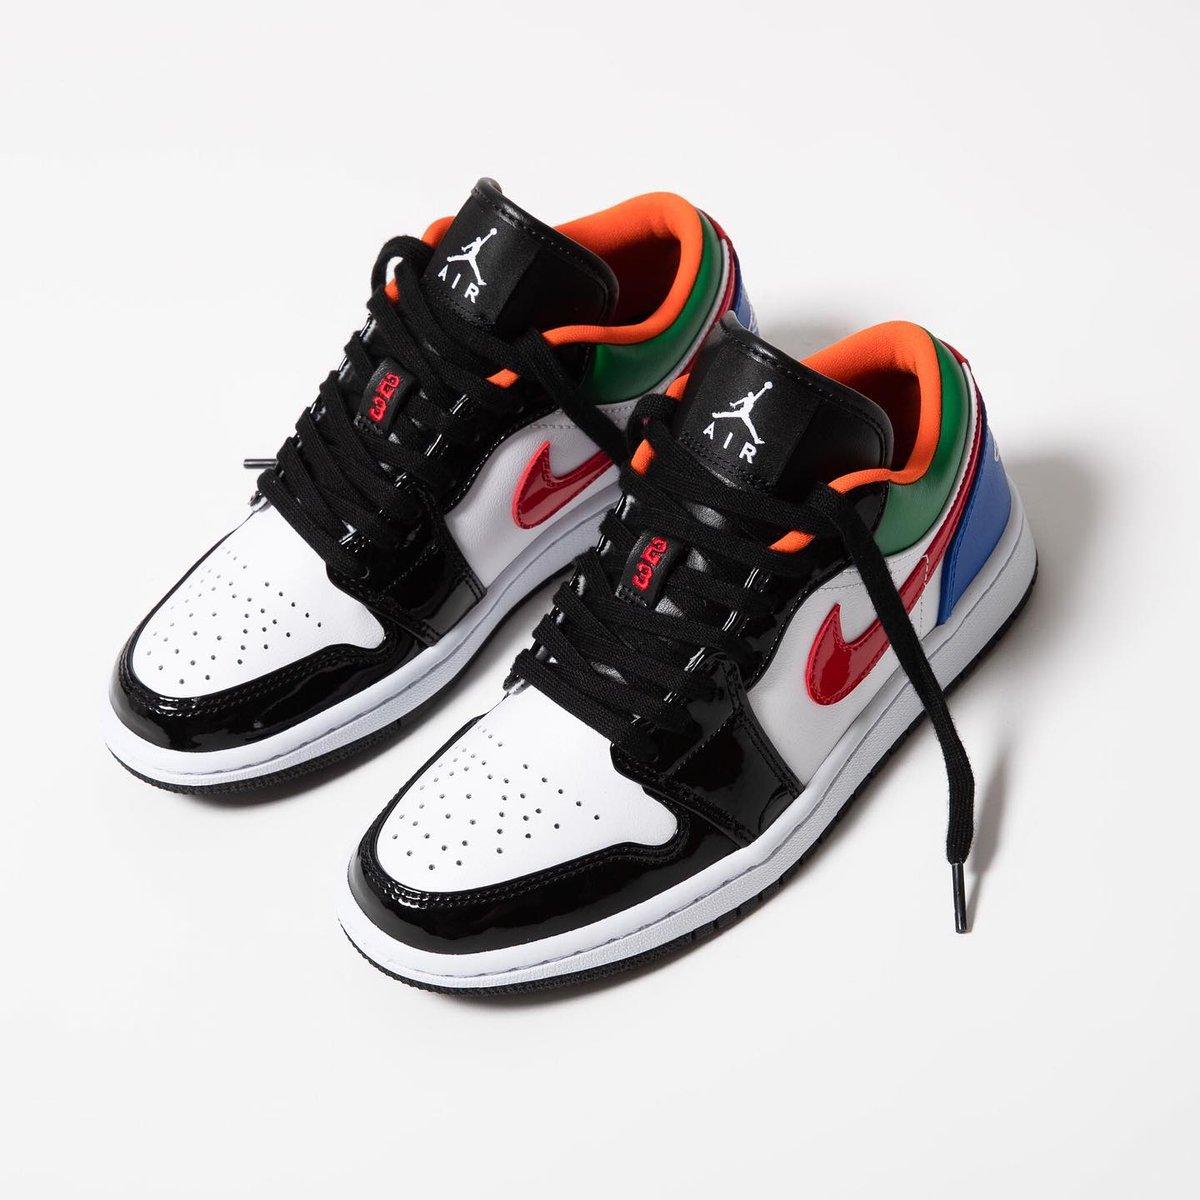 Sneaker Shouts On Twitter Air Jordan 1 Low Se W Multicolor